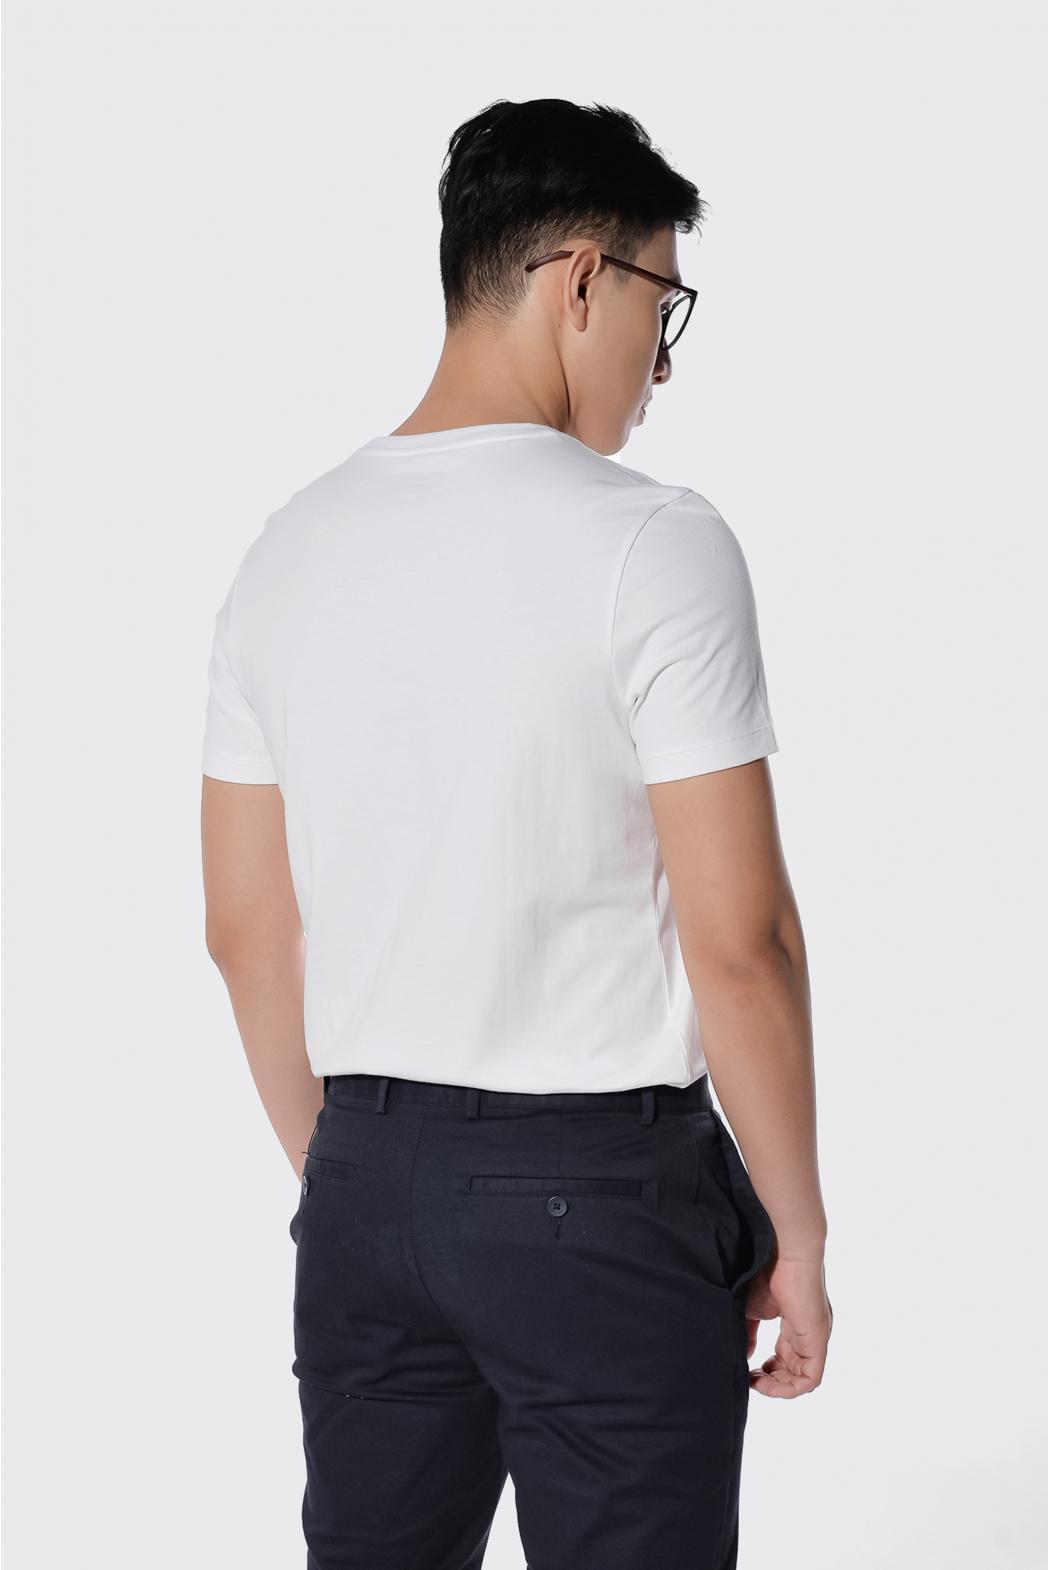 Áo thun tay ngắn. Cotton. Fitted form - 10F20TSH001